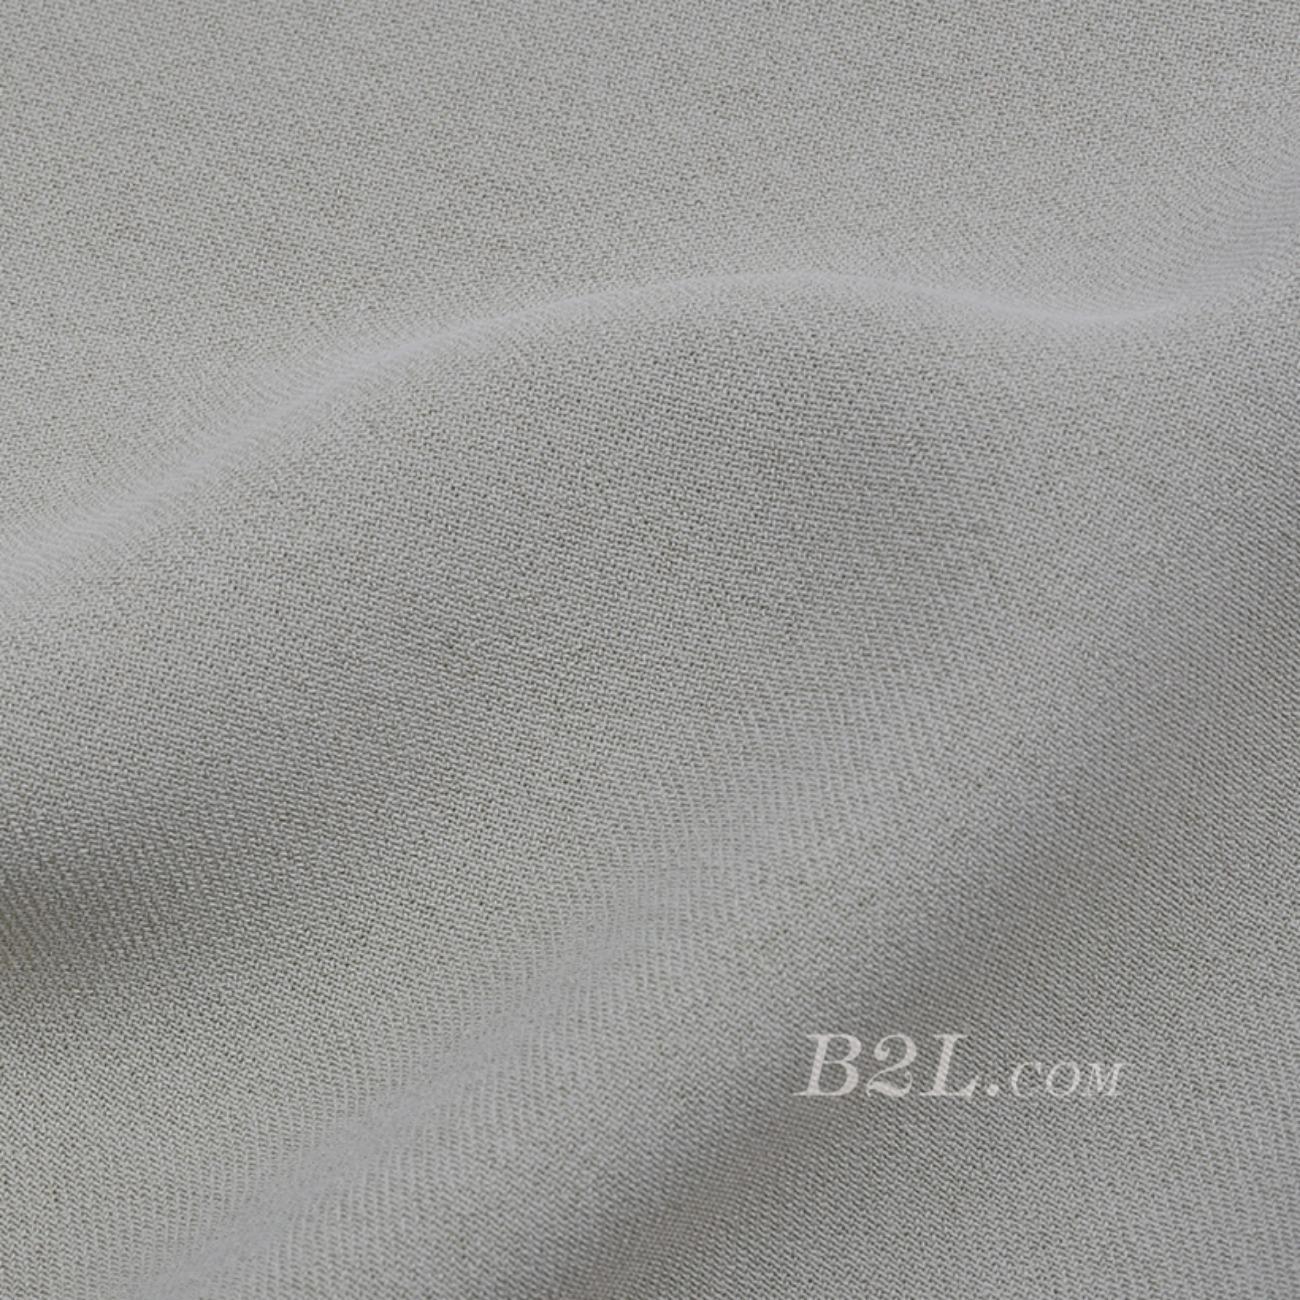 素色 梭织 染色 低弹 全涤 外套 连衣裙 时装 80910-2